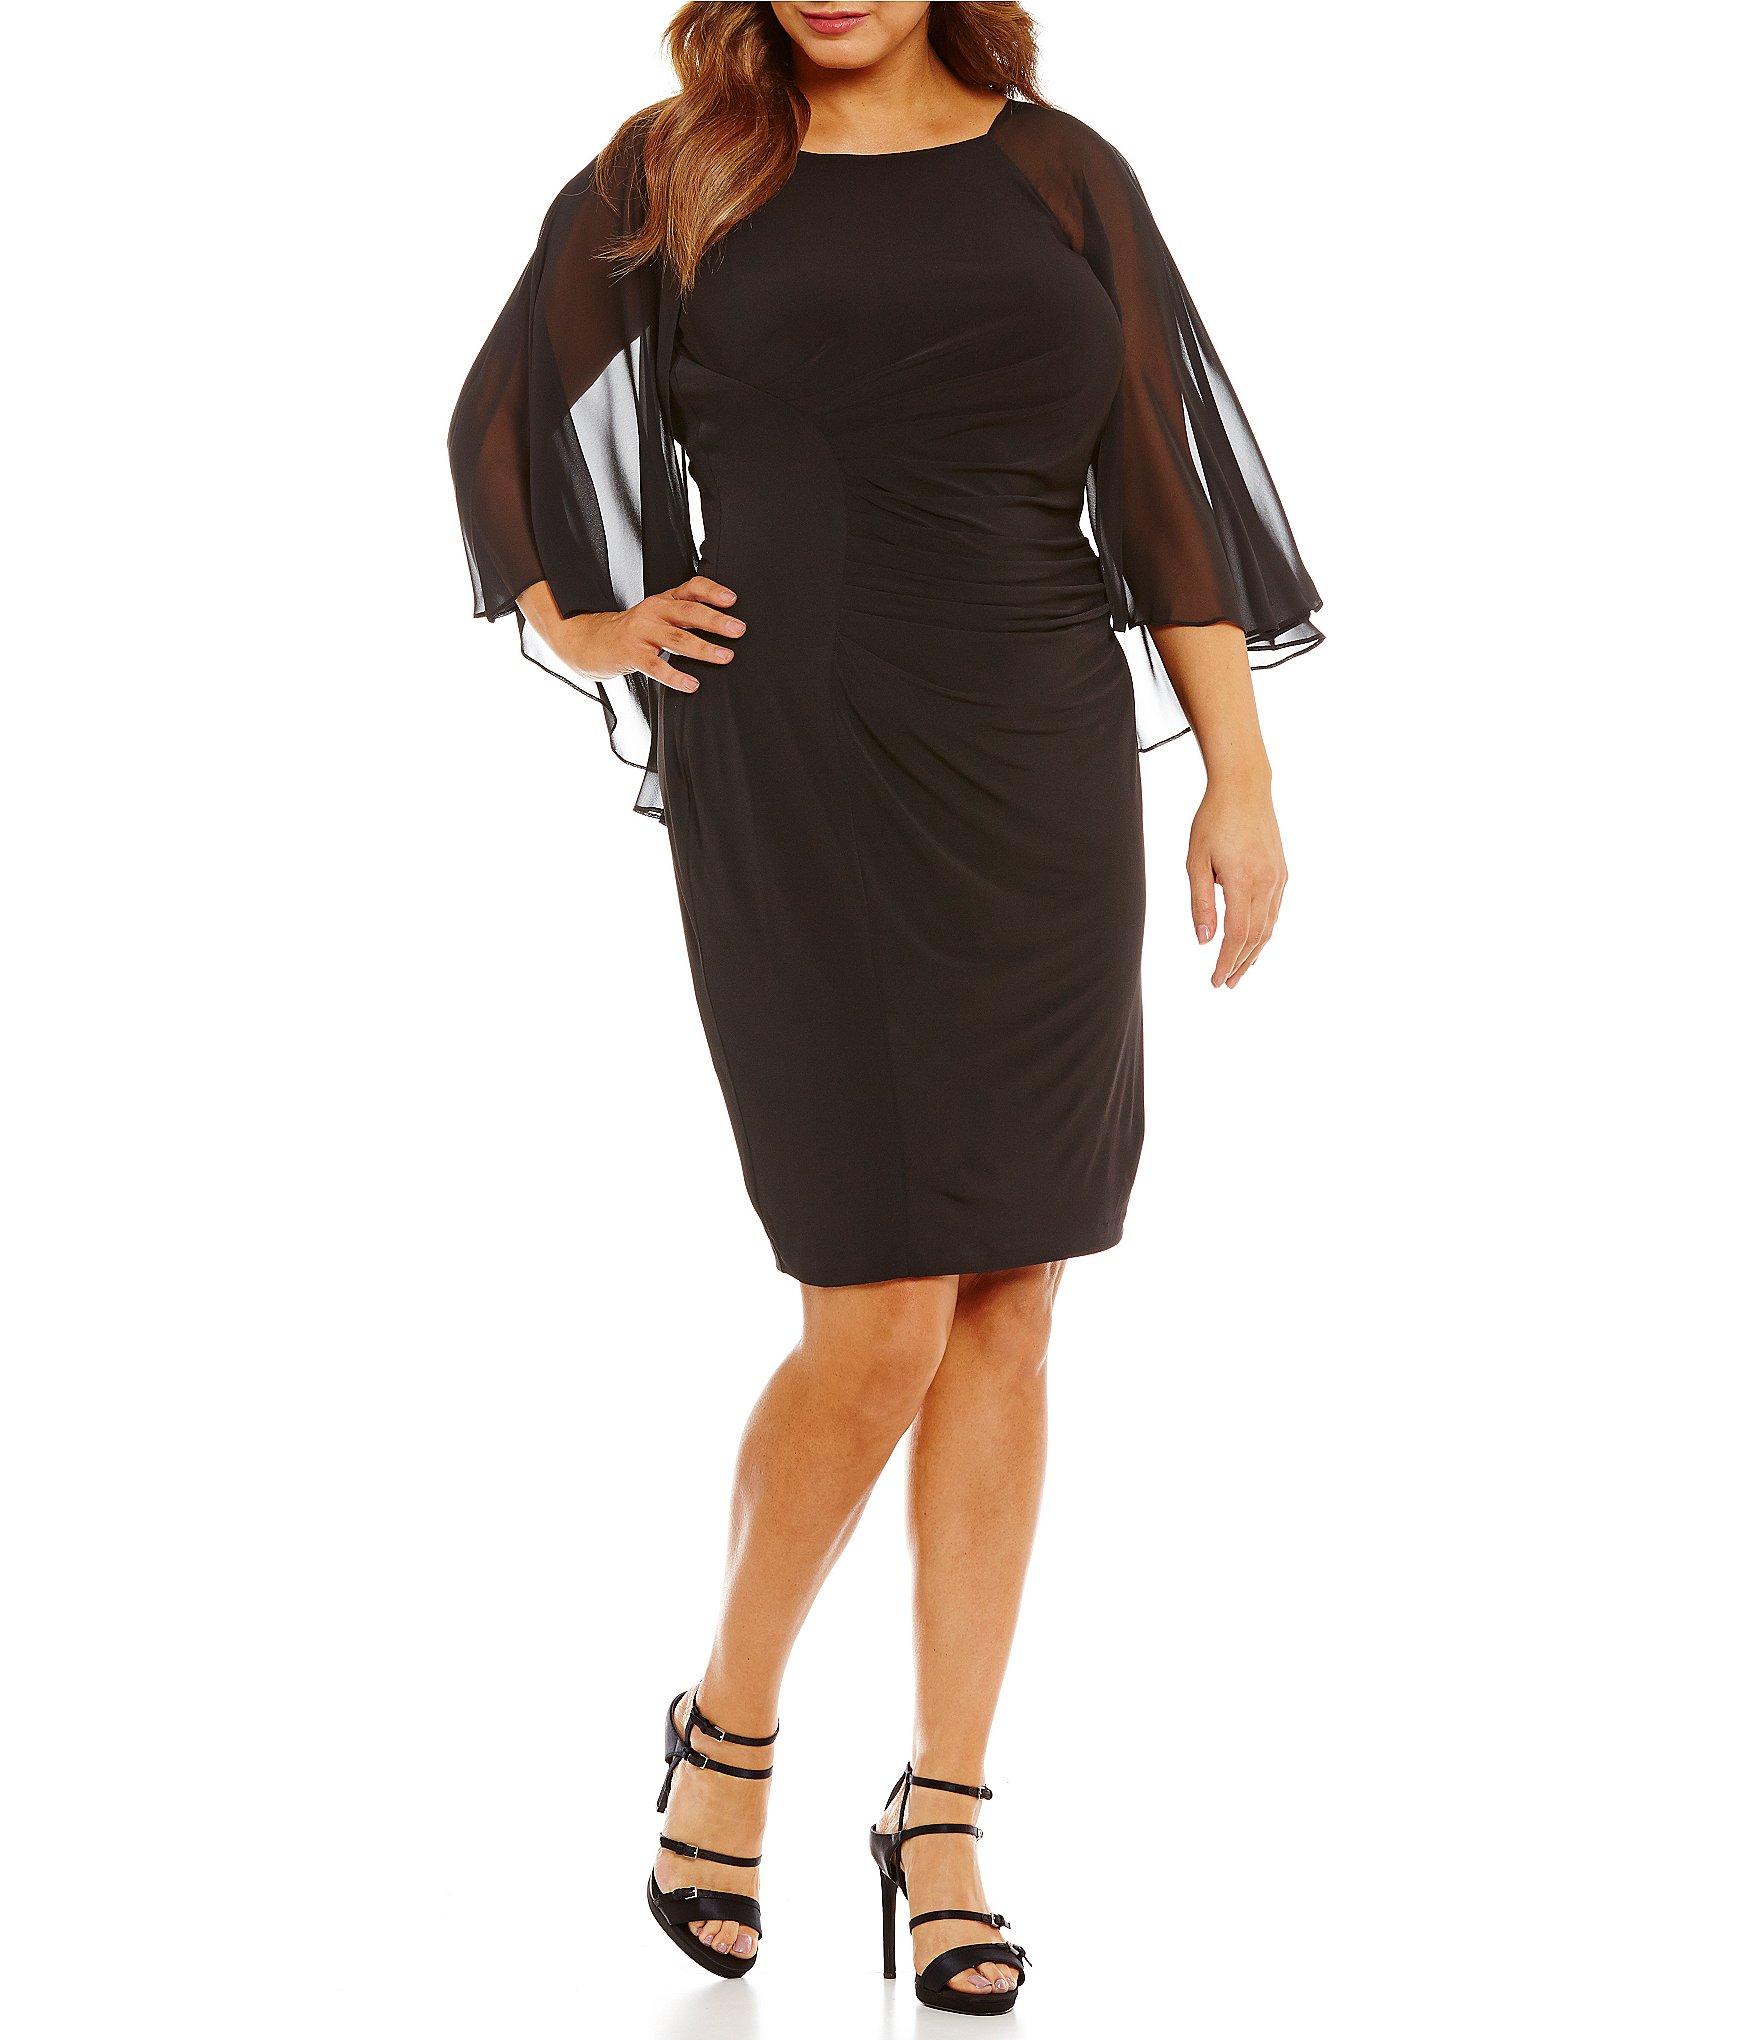 Black dress dillards young